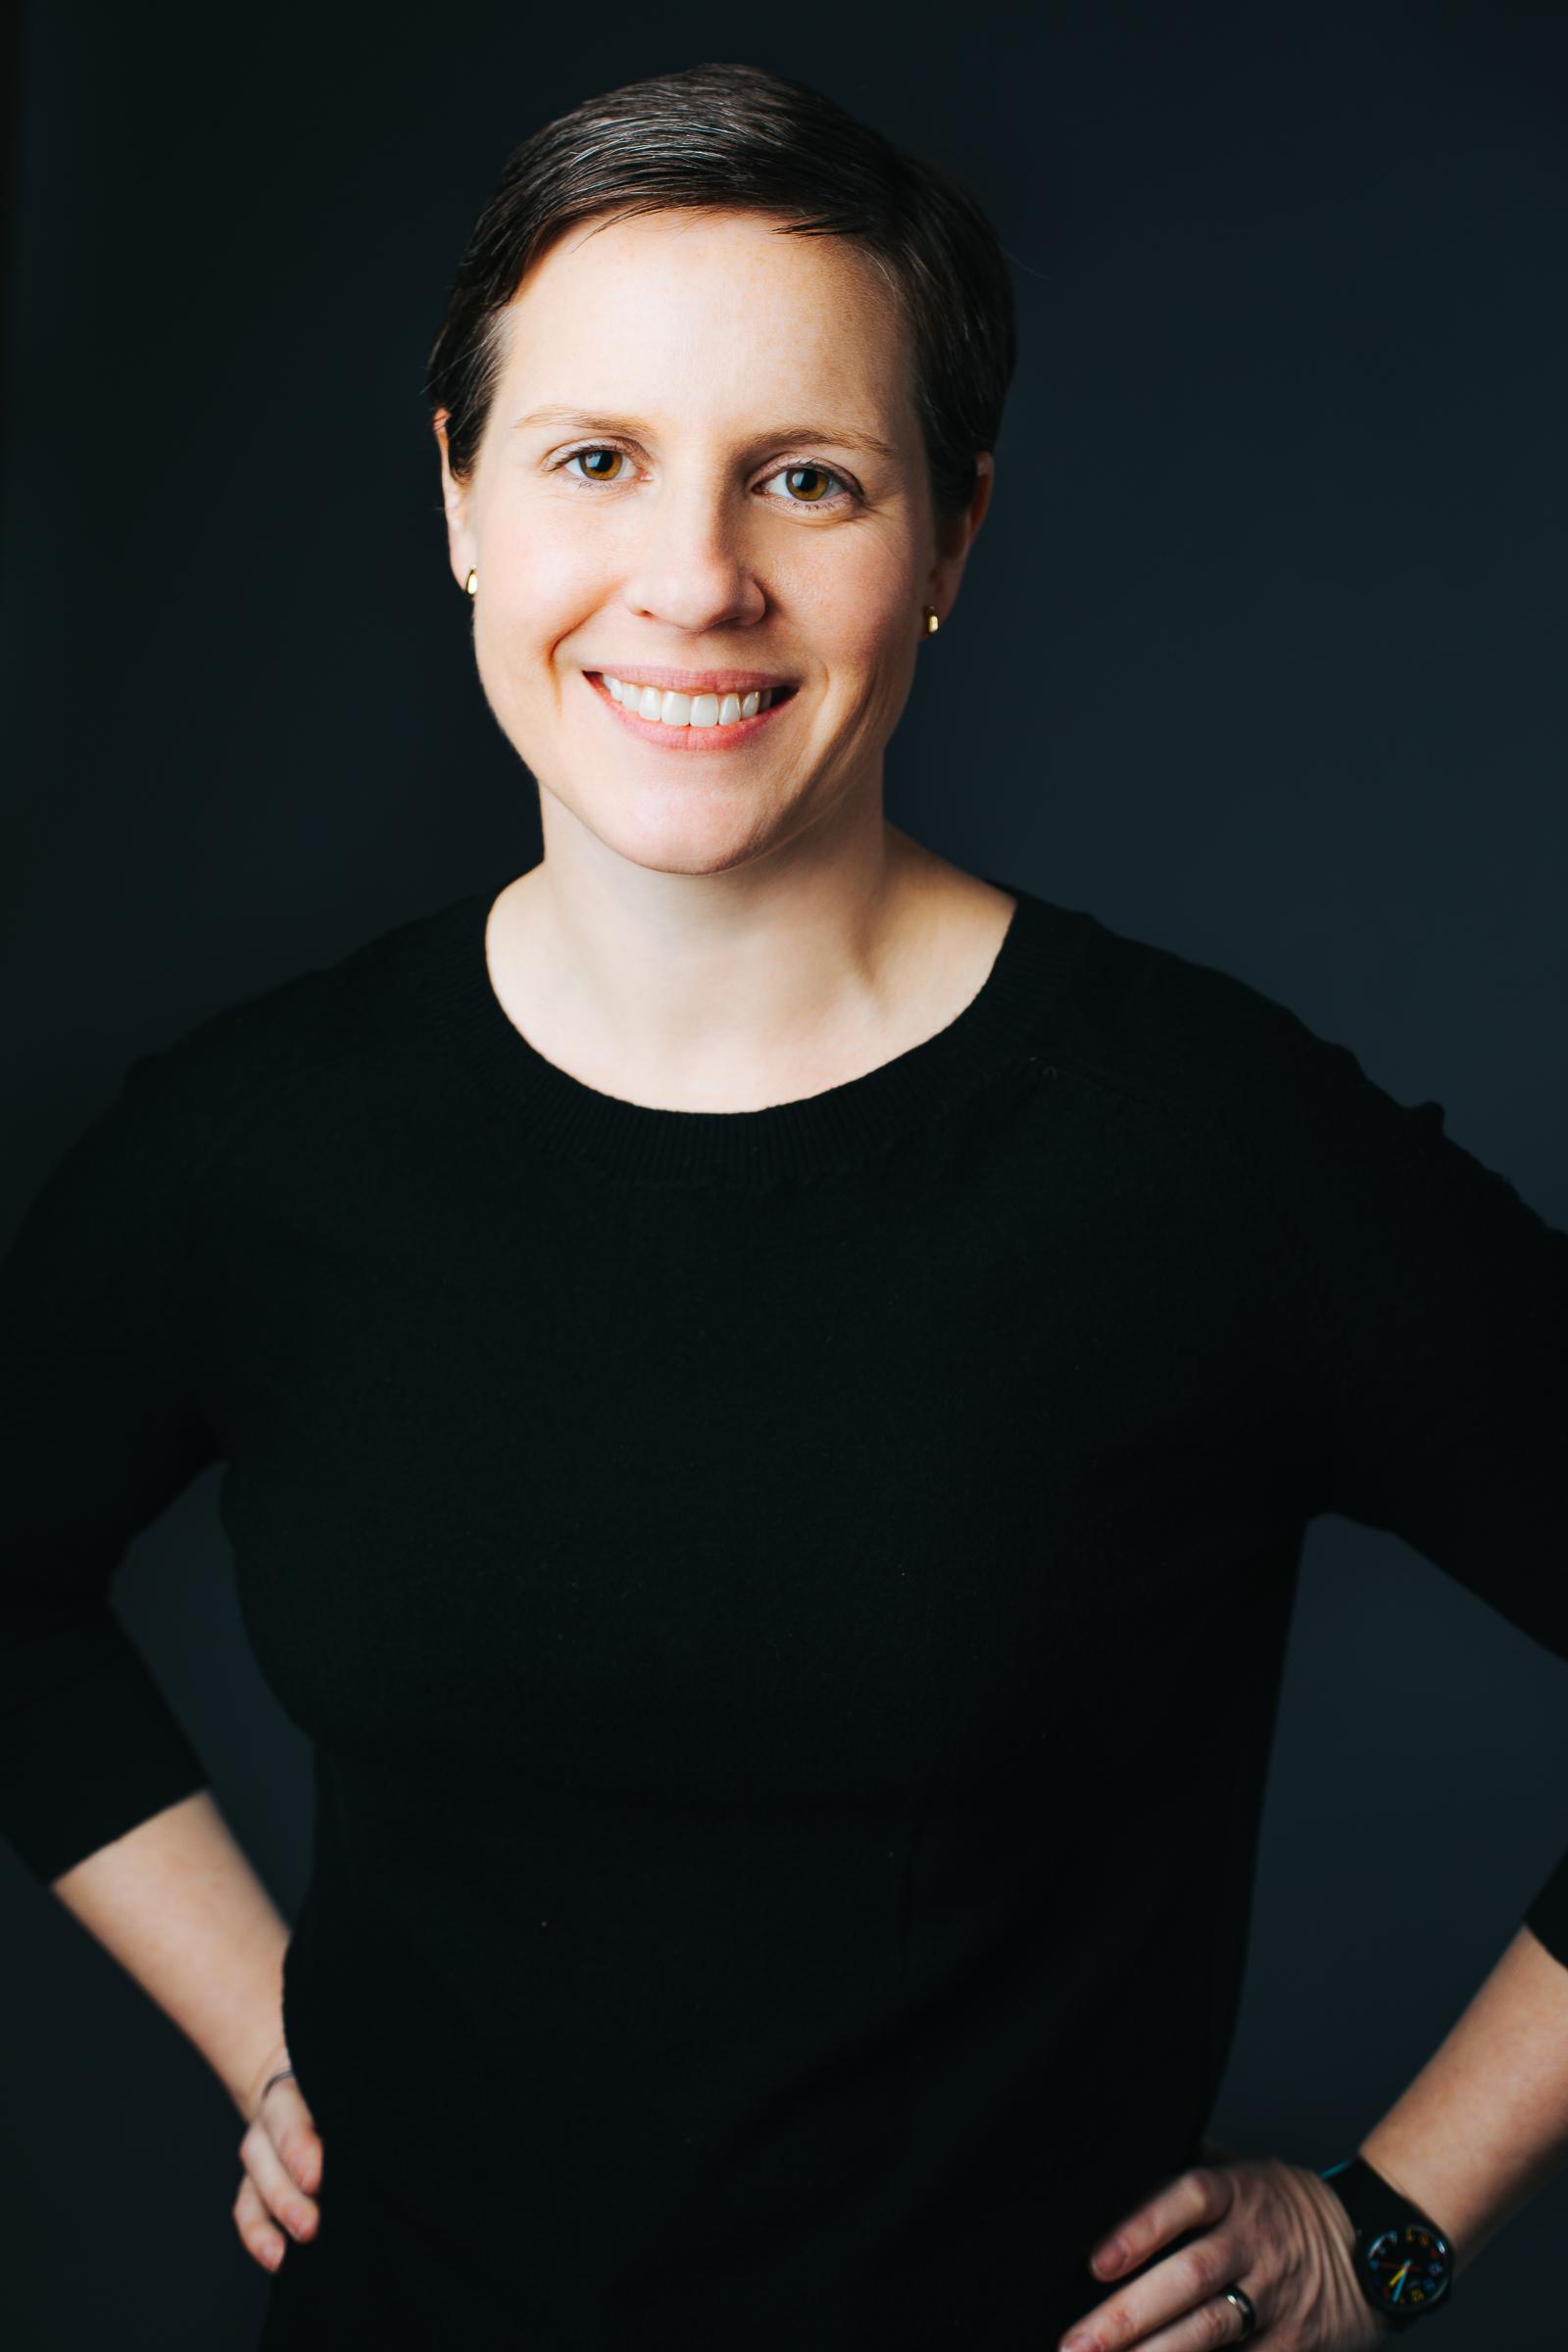 Kate Mangino